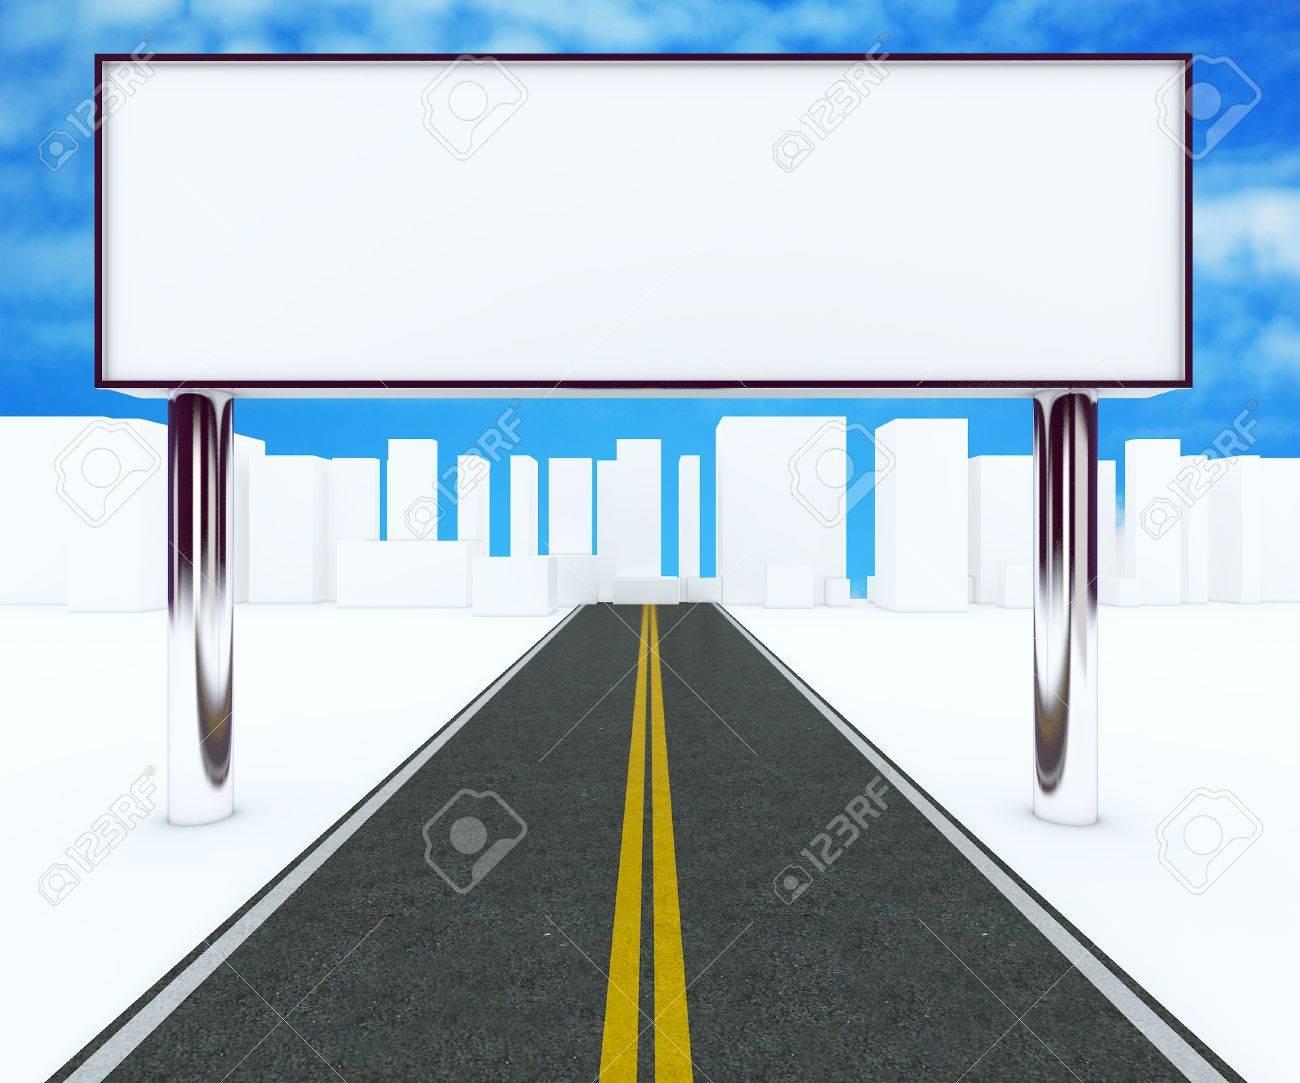 foto de archivo las vallas en el camino de la ciudad la pantalla en blanco el cuadro nuevo diseo de aluminio marco de plantilla para el trabajo de